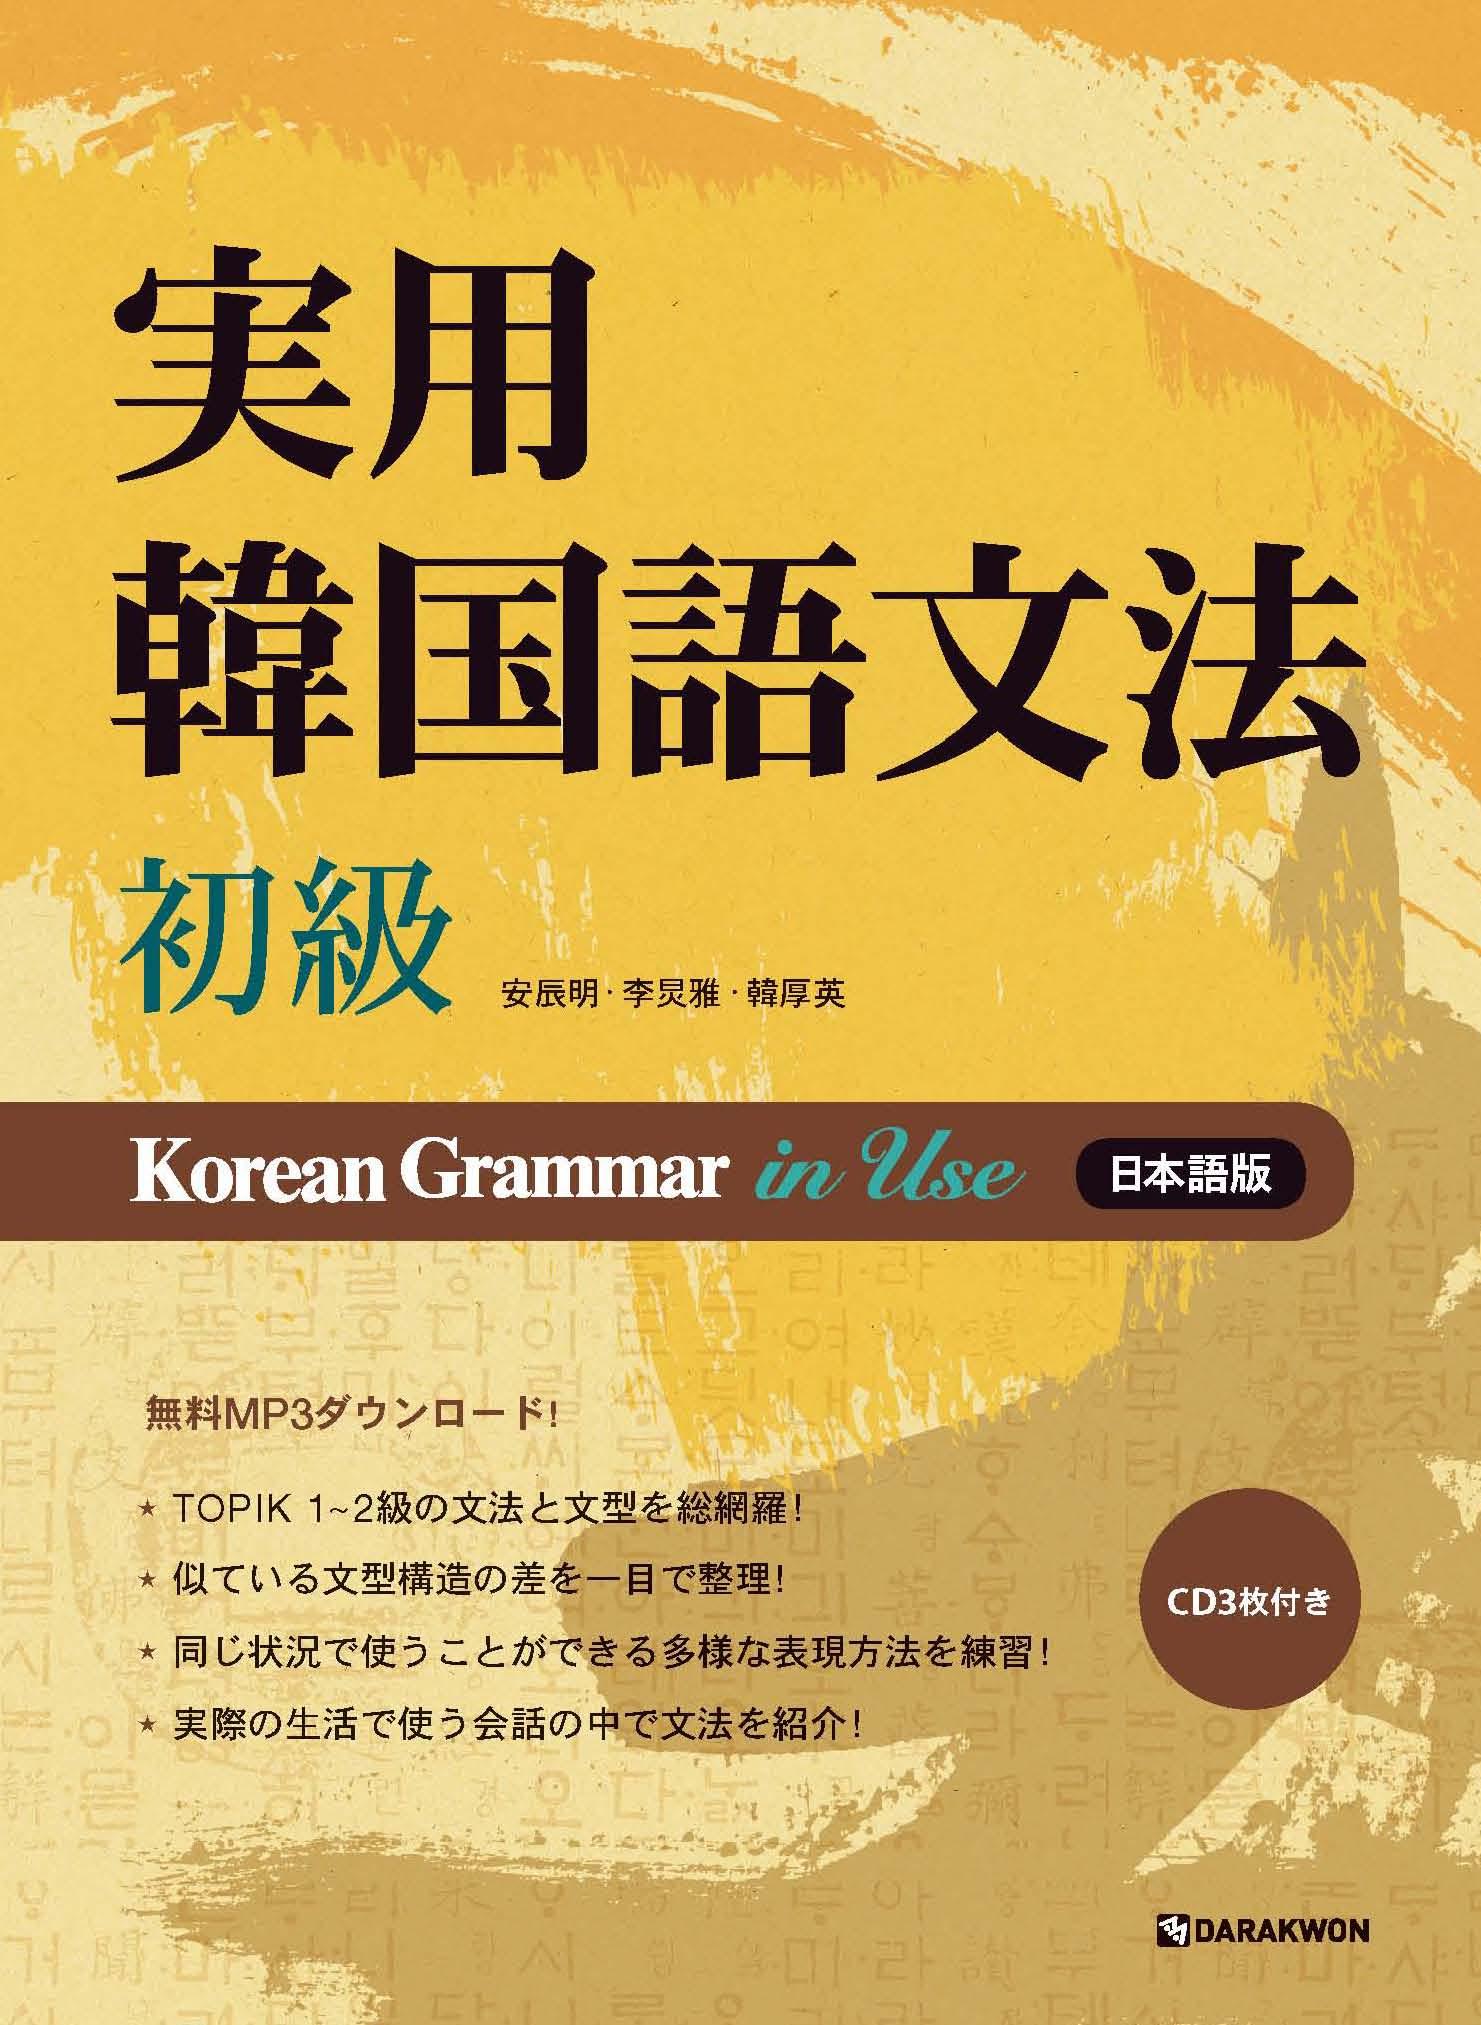 [Korean Grammar in Use] Korean Grammar in Use 초급|實用韓國語文法 : 日本語版